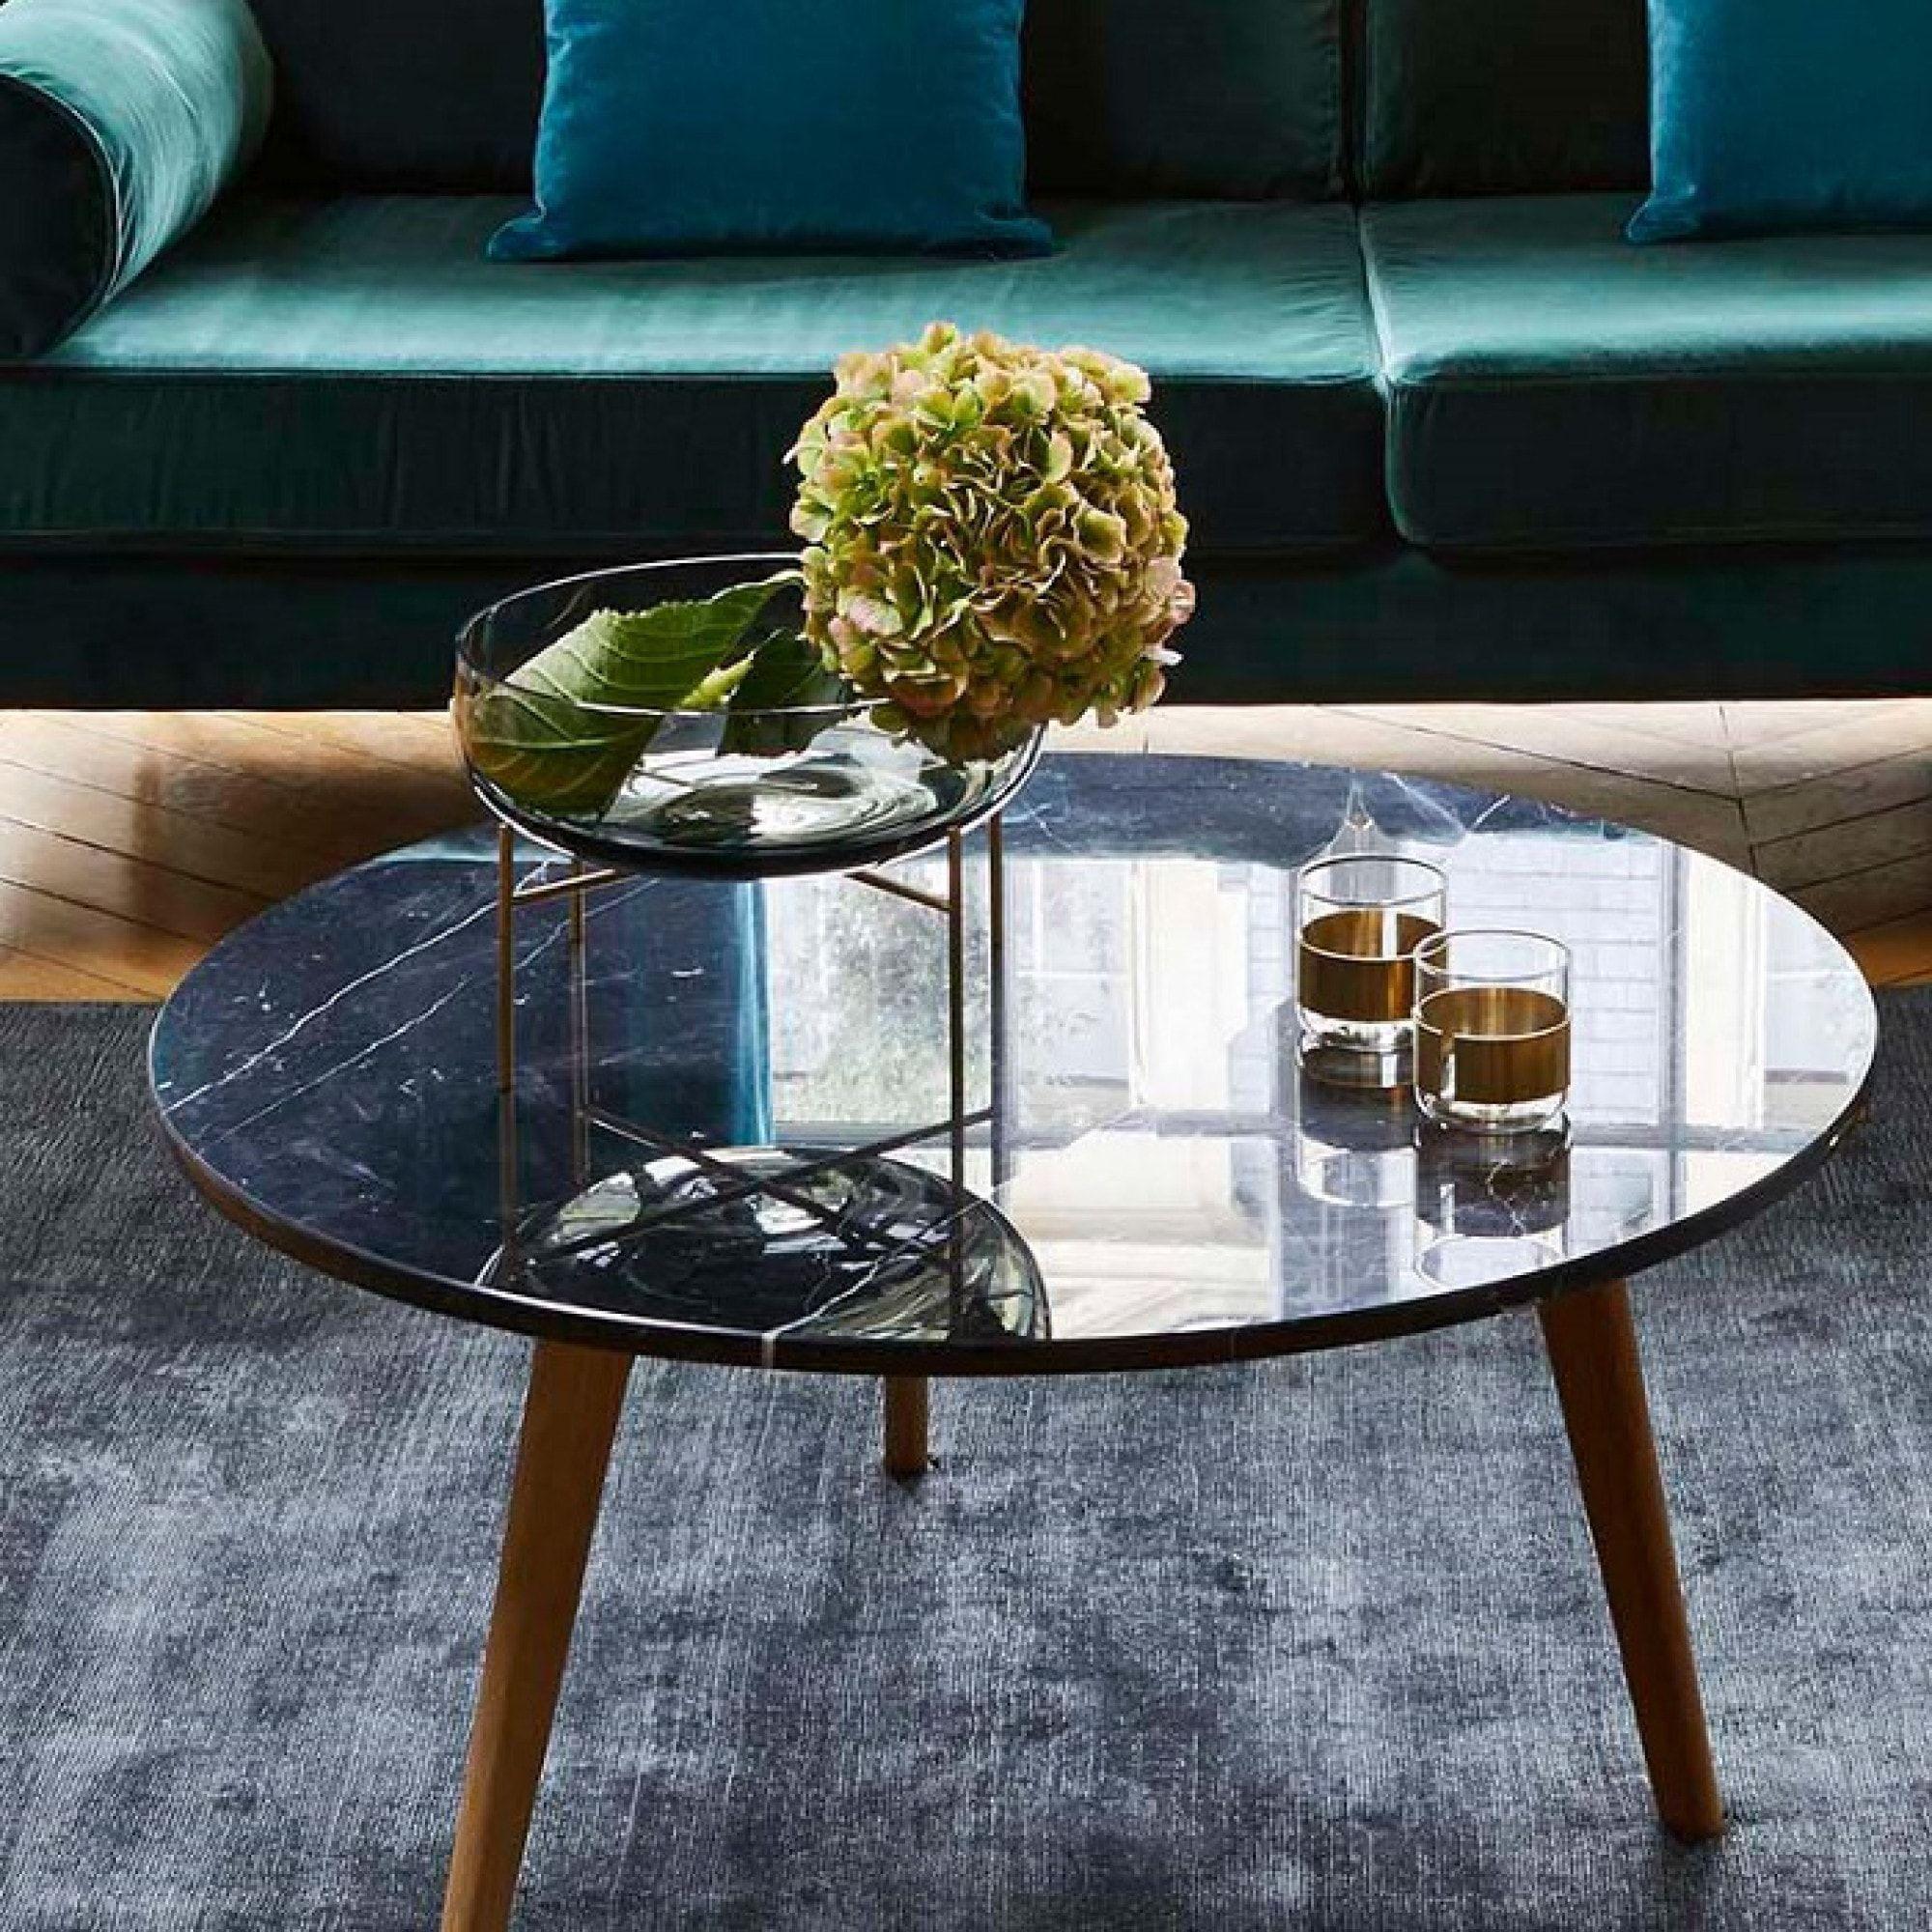 Table Basse Lara Noir Table D Appoint Mobilier Madura Table Basse Table Basse Marbre Table De Salon